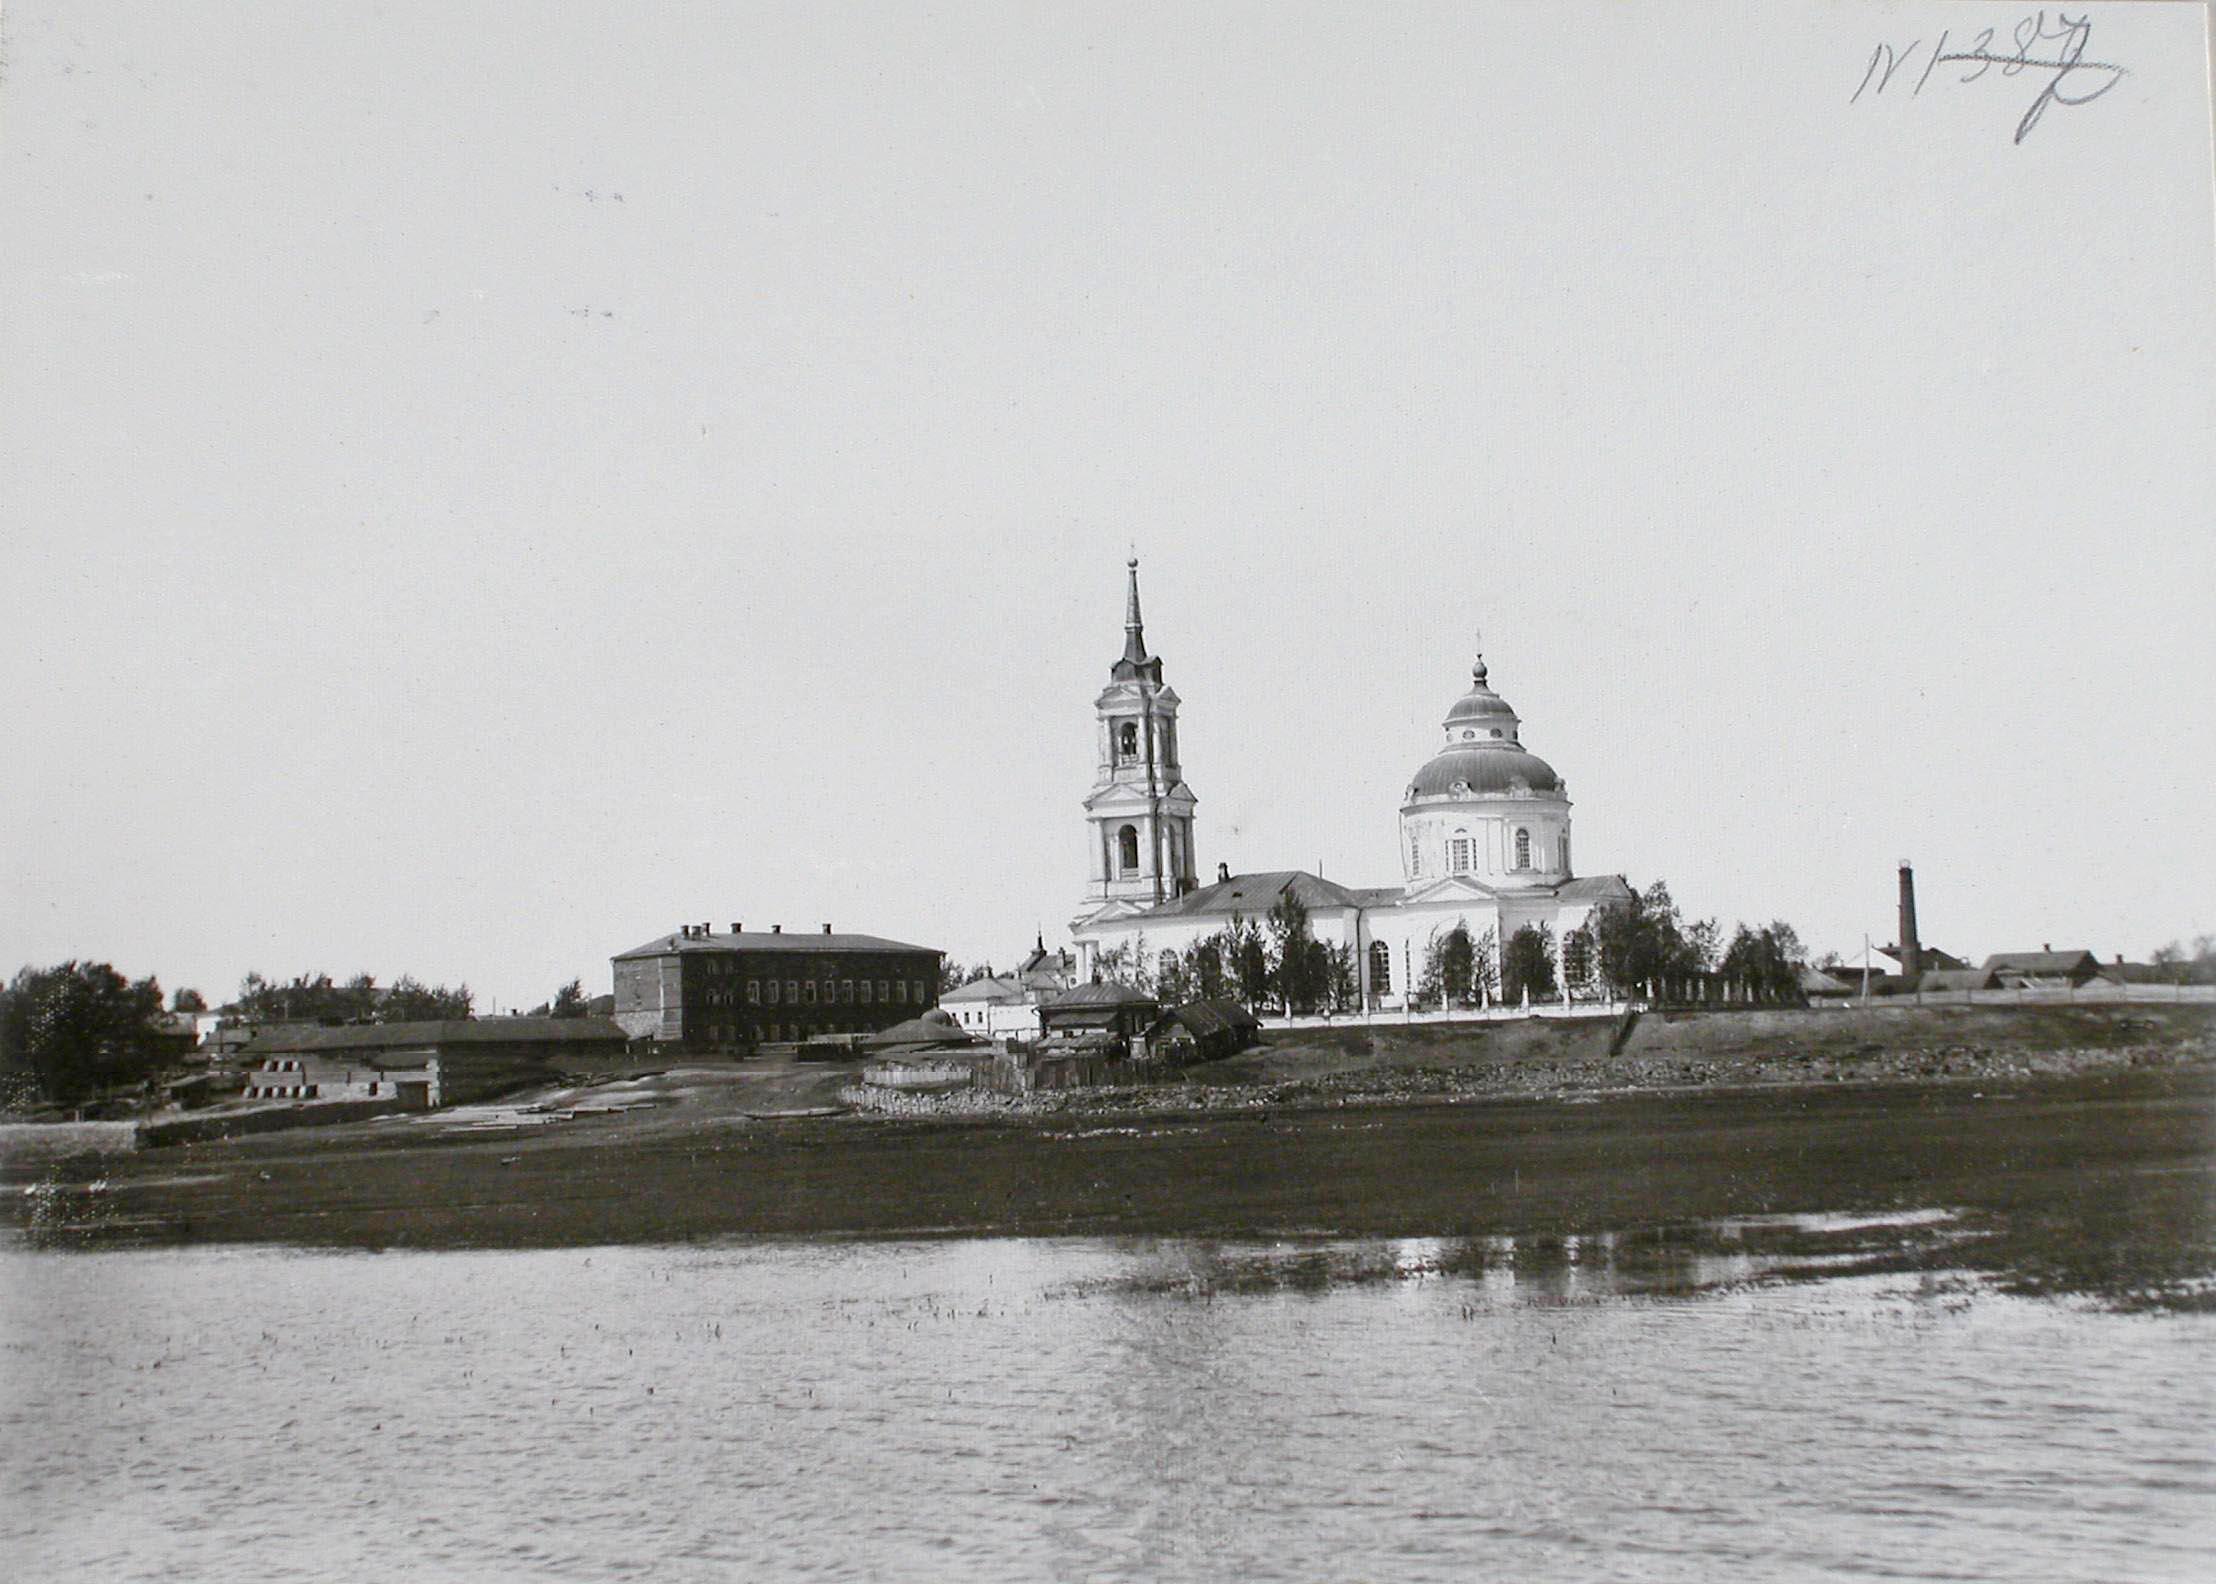 Вид на Покровскую церковь, в которой находился образ трех святителей, подаренный Иваном Грозным g